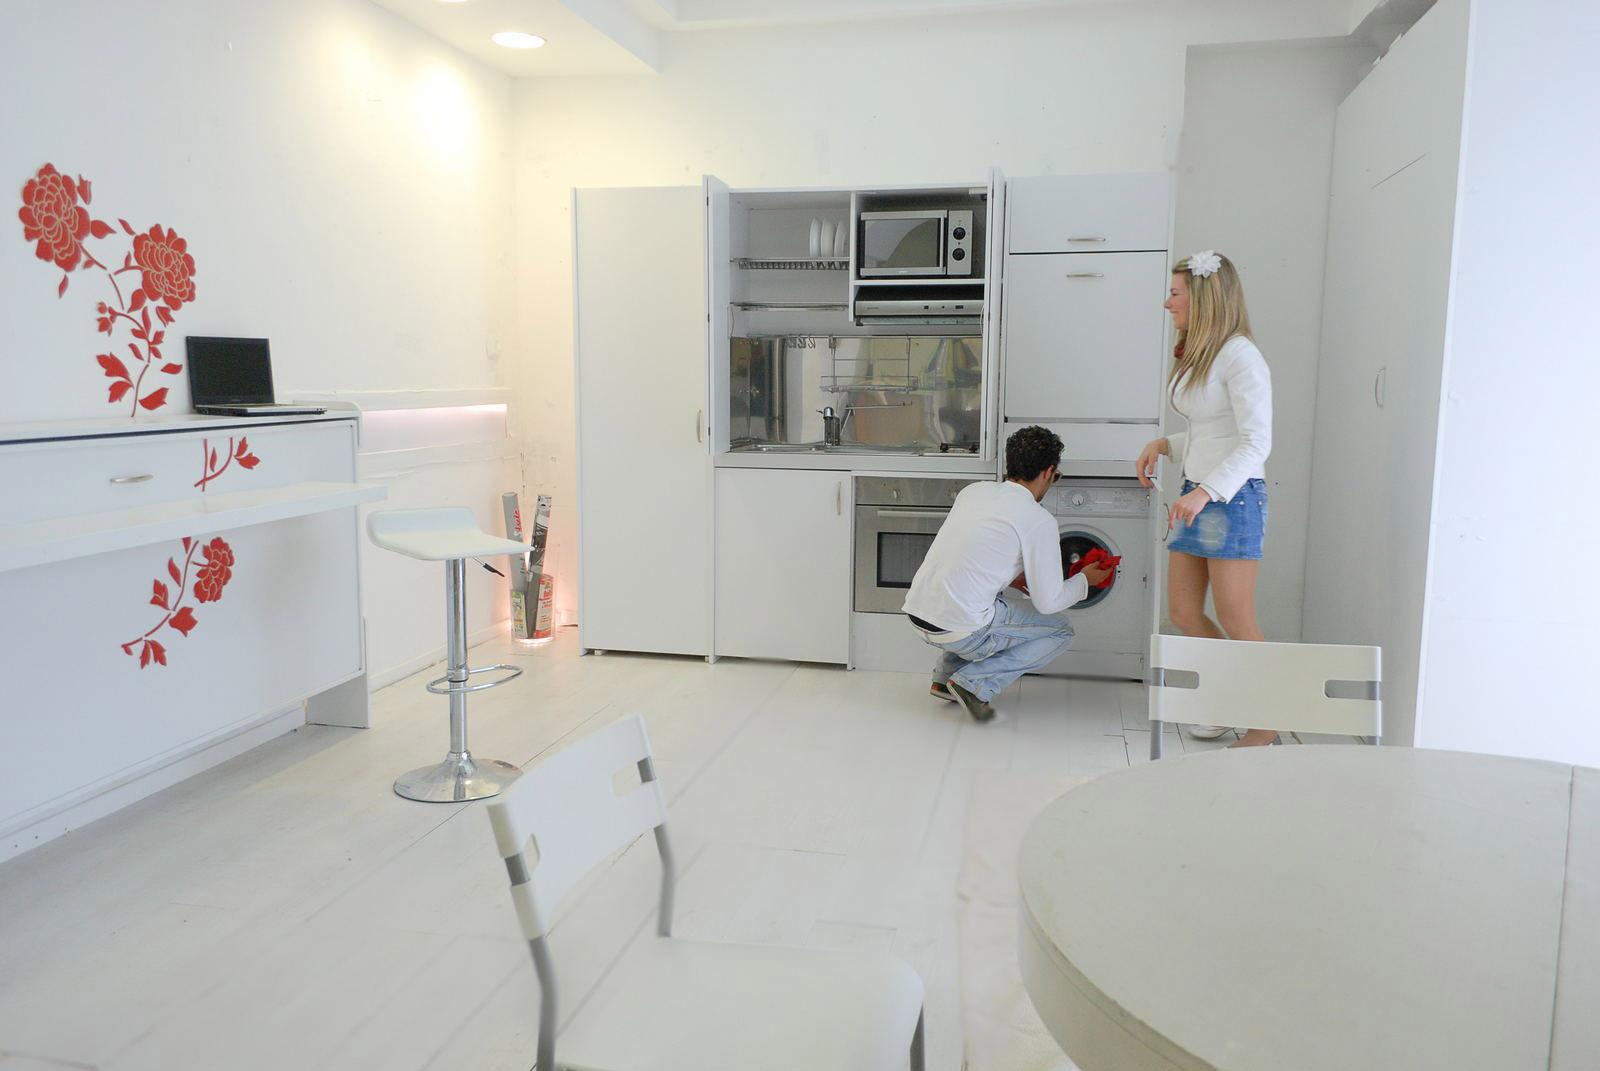 Acquista Cucine Salvaspazio - vivilospazio - mobili trasformabili